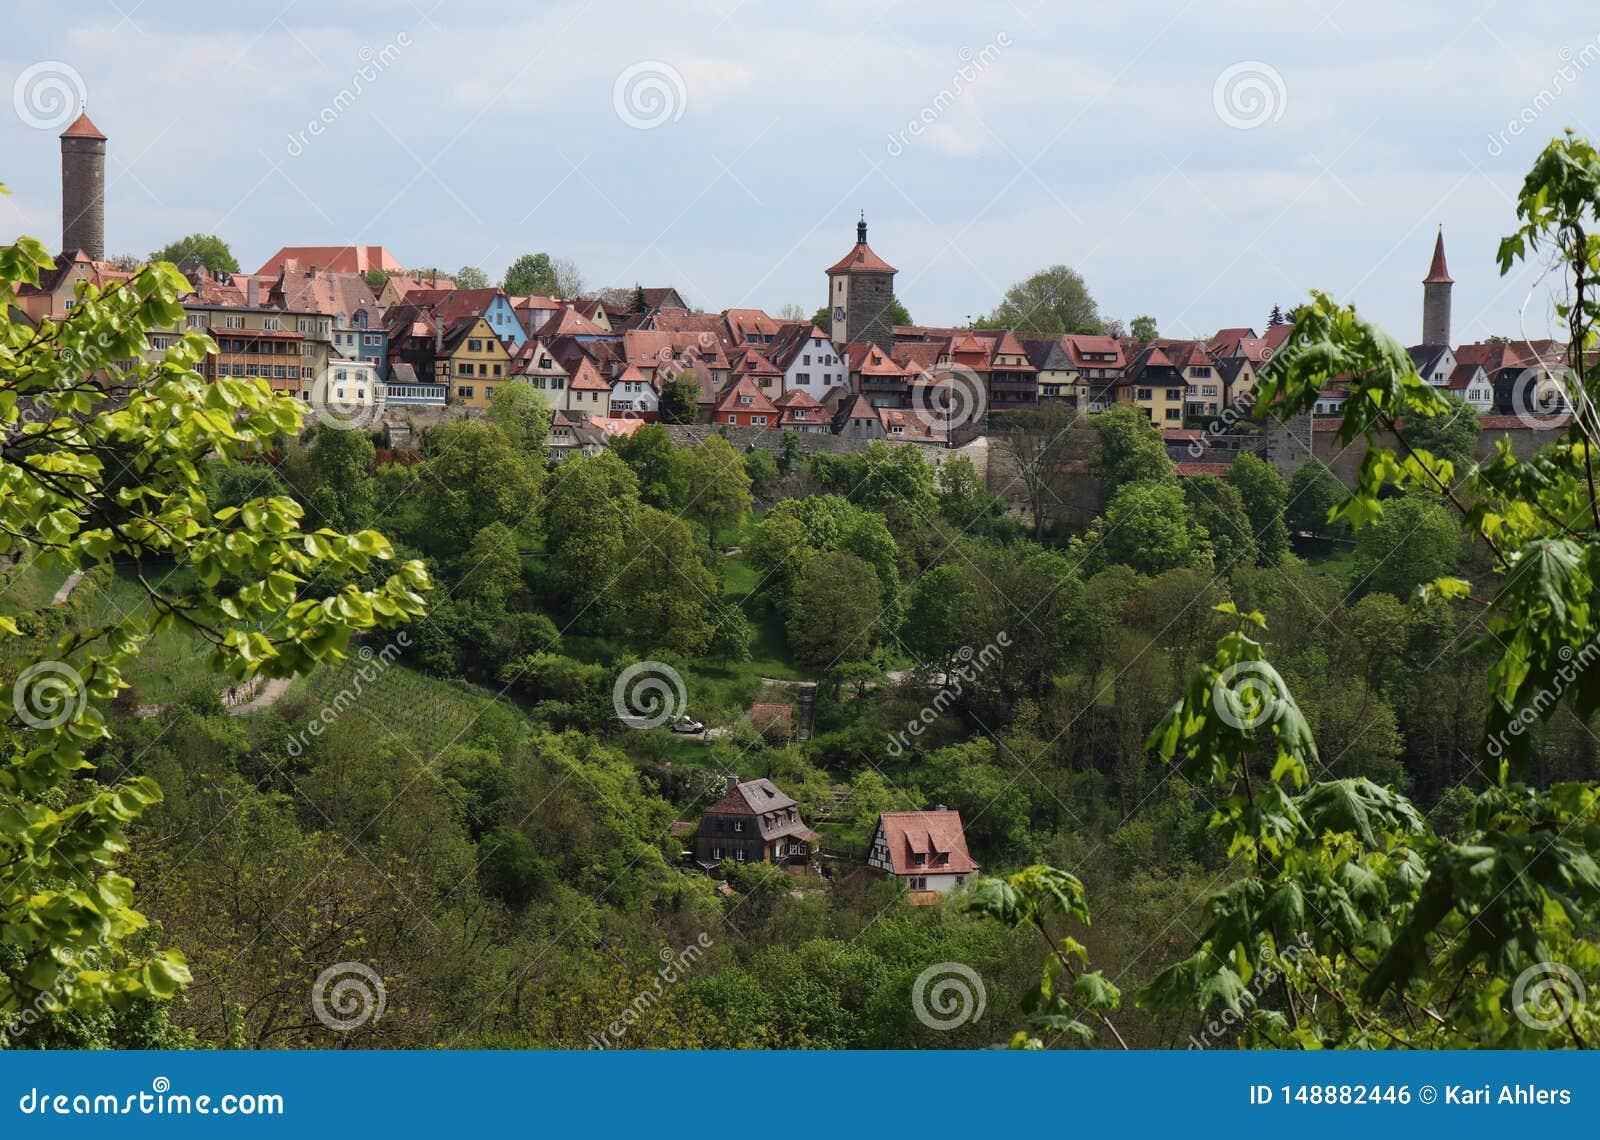 Rothenburg ob der Tauber over de vallei en door de bomen